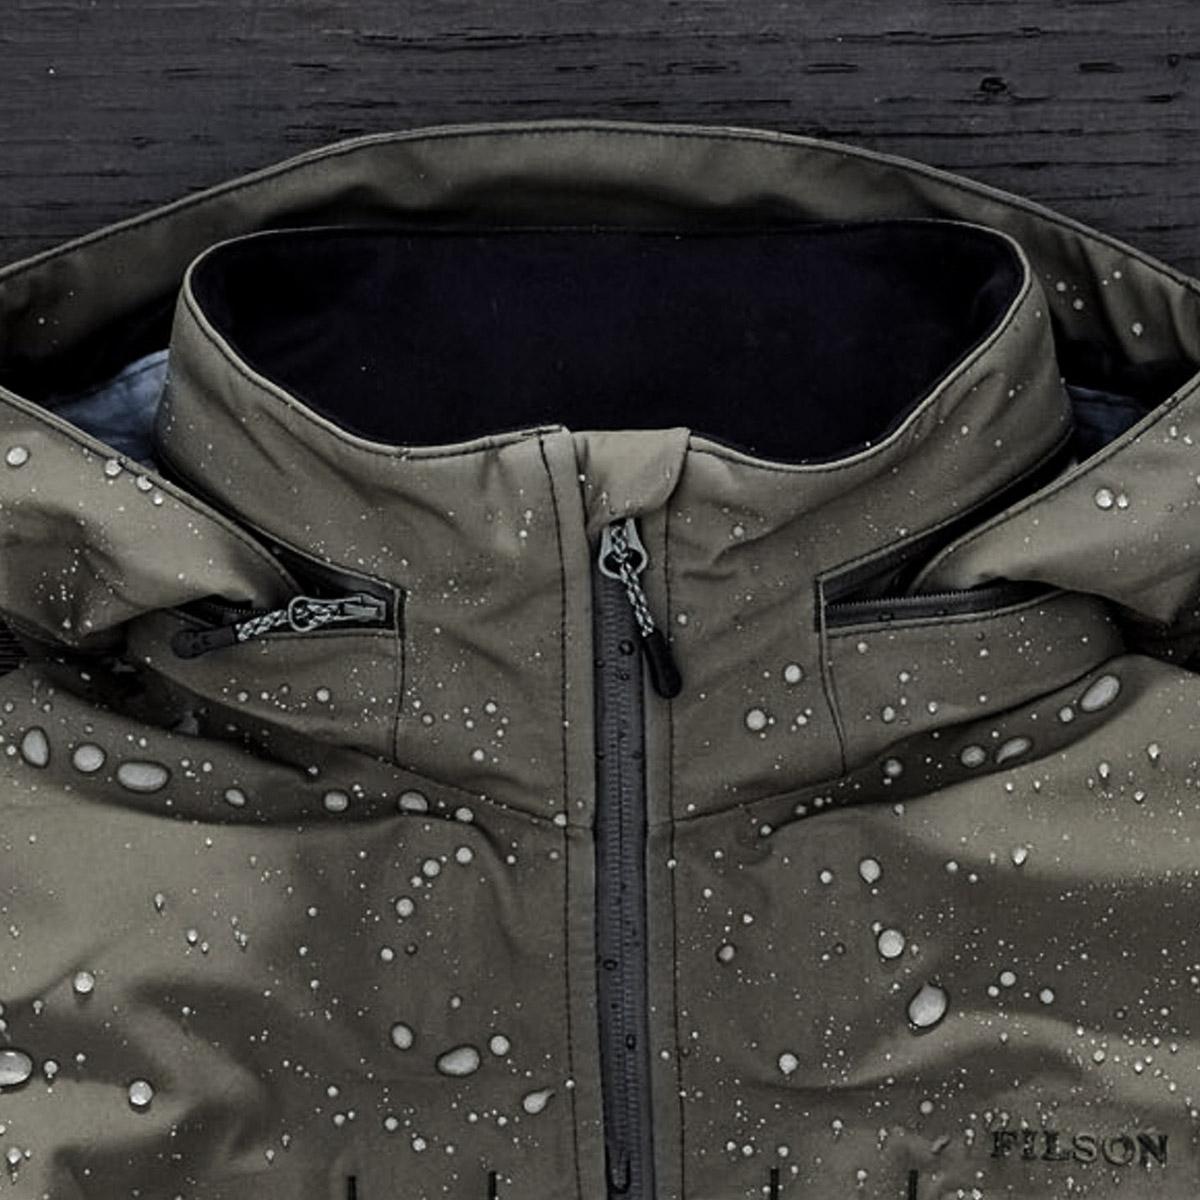 Filson Neoshell Reliance Jacket Raven, comfortabel, waterdicht en zeer goed ademende jas